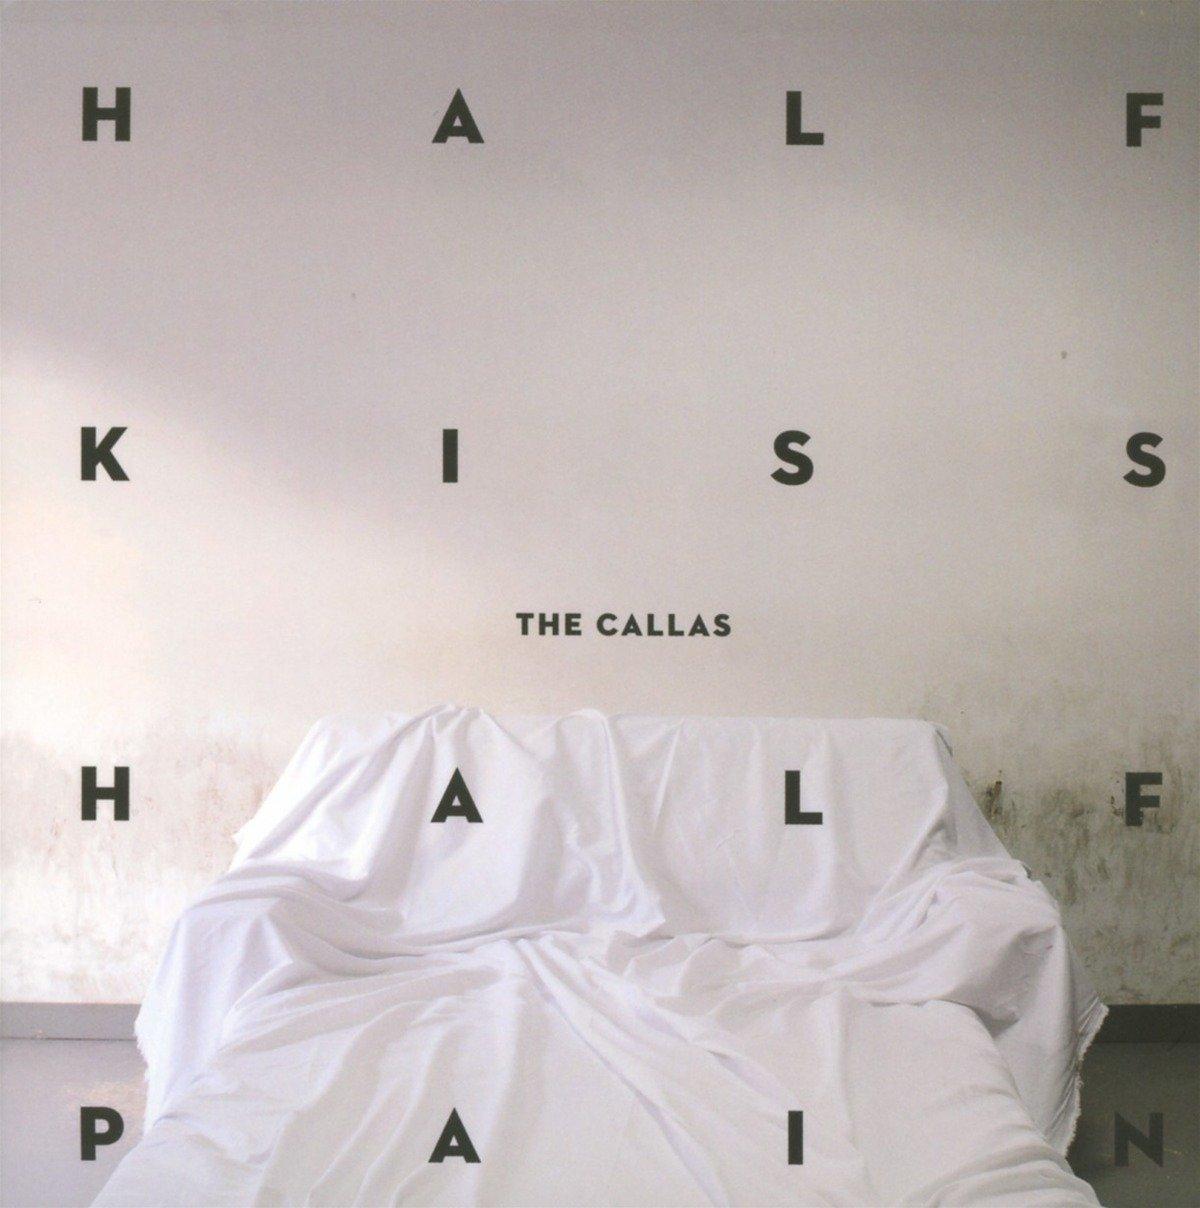 The Callas